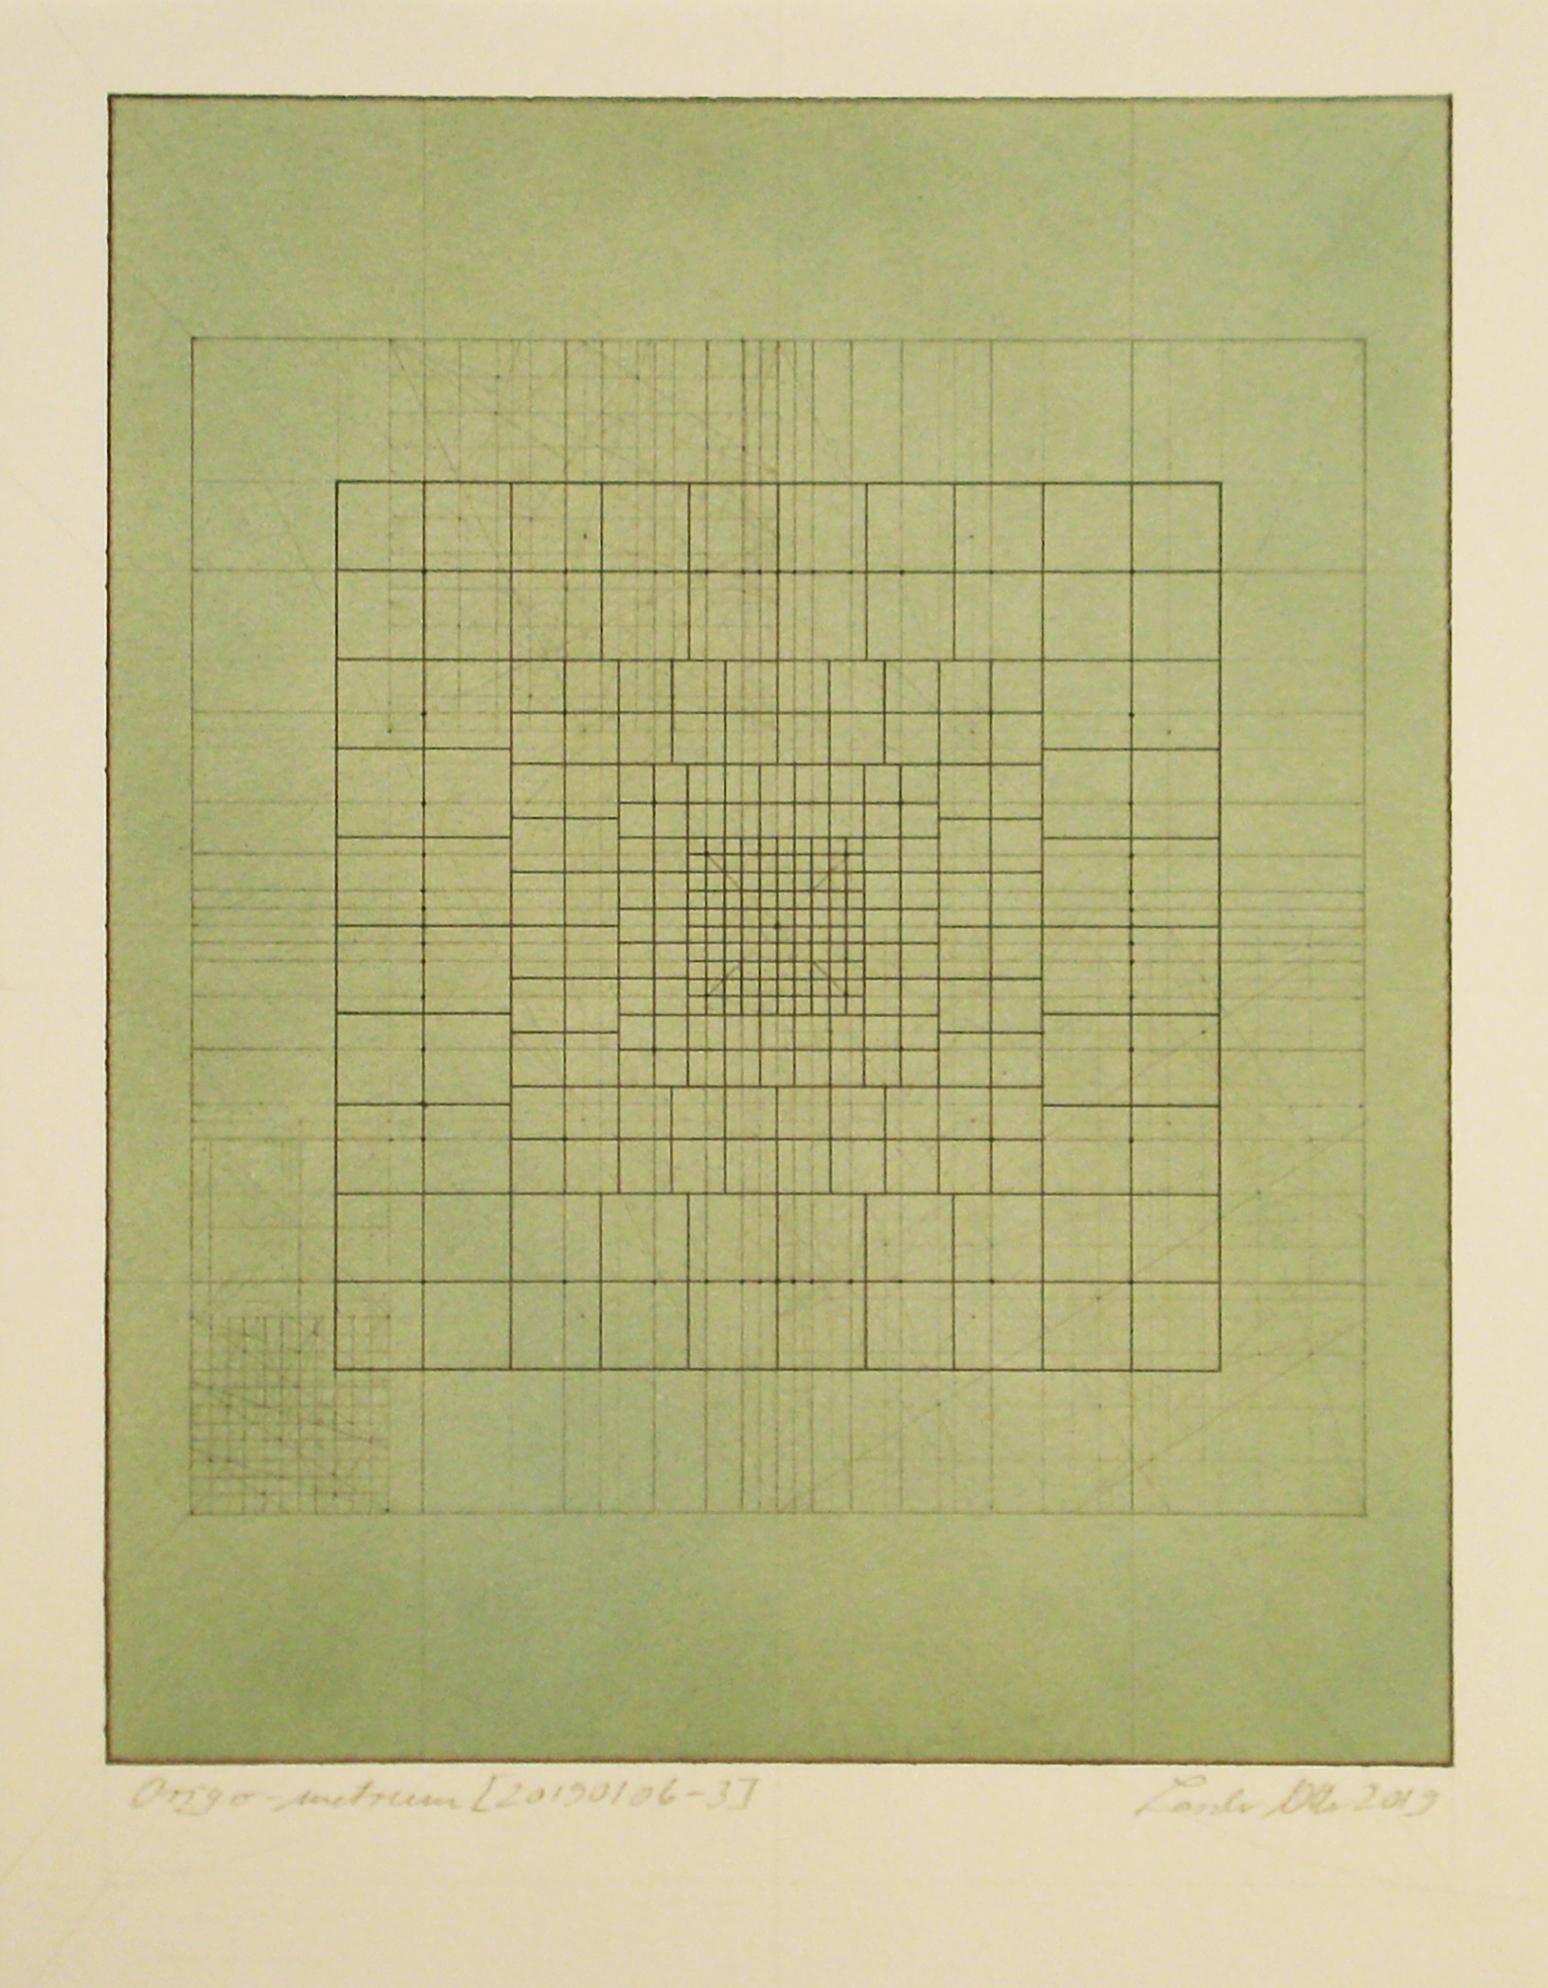 Origo-metrum [20190106-3], pencil on paper, color pigment, 15 3/4 x 11 13/16 in. [40x30cm]